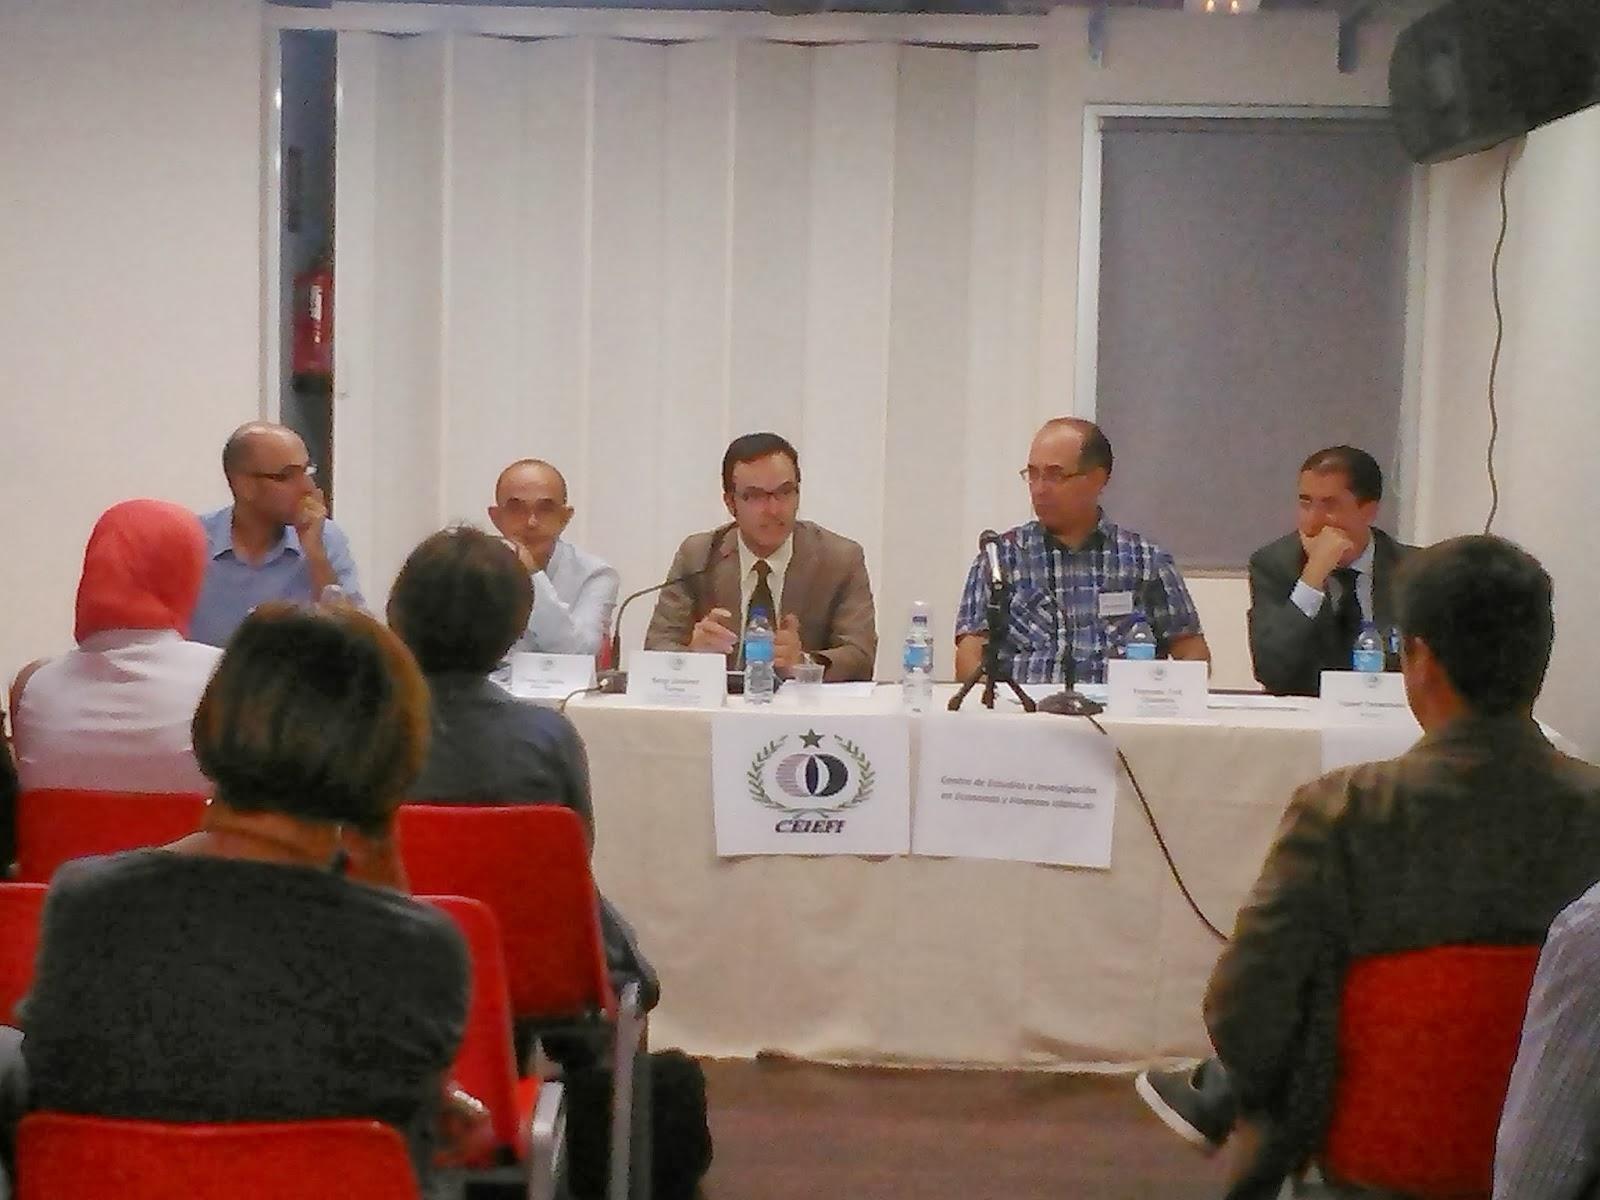 Acto inaugural del Centro de Estudios e Investigación Económica y Finanzas Islámicas (CEIEFI)